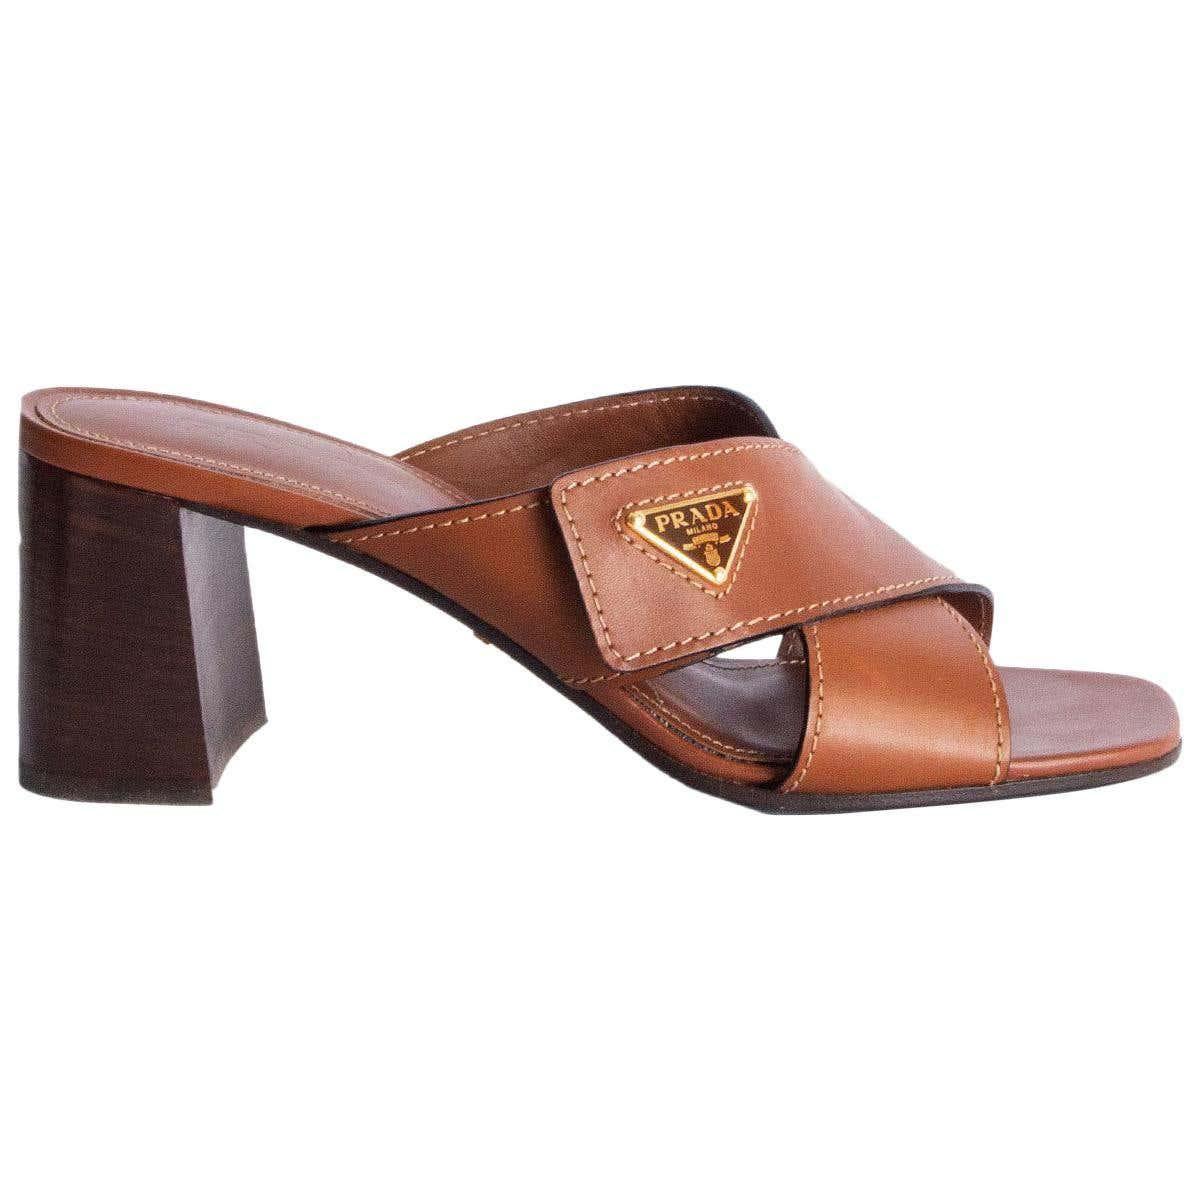 prada cognac brown leather criss cross block heel sandals